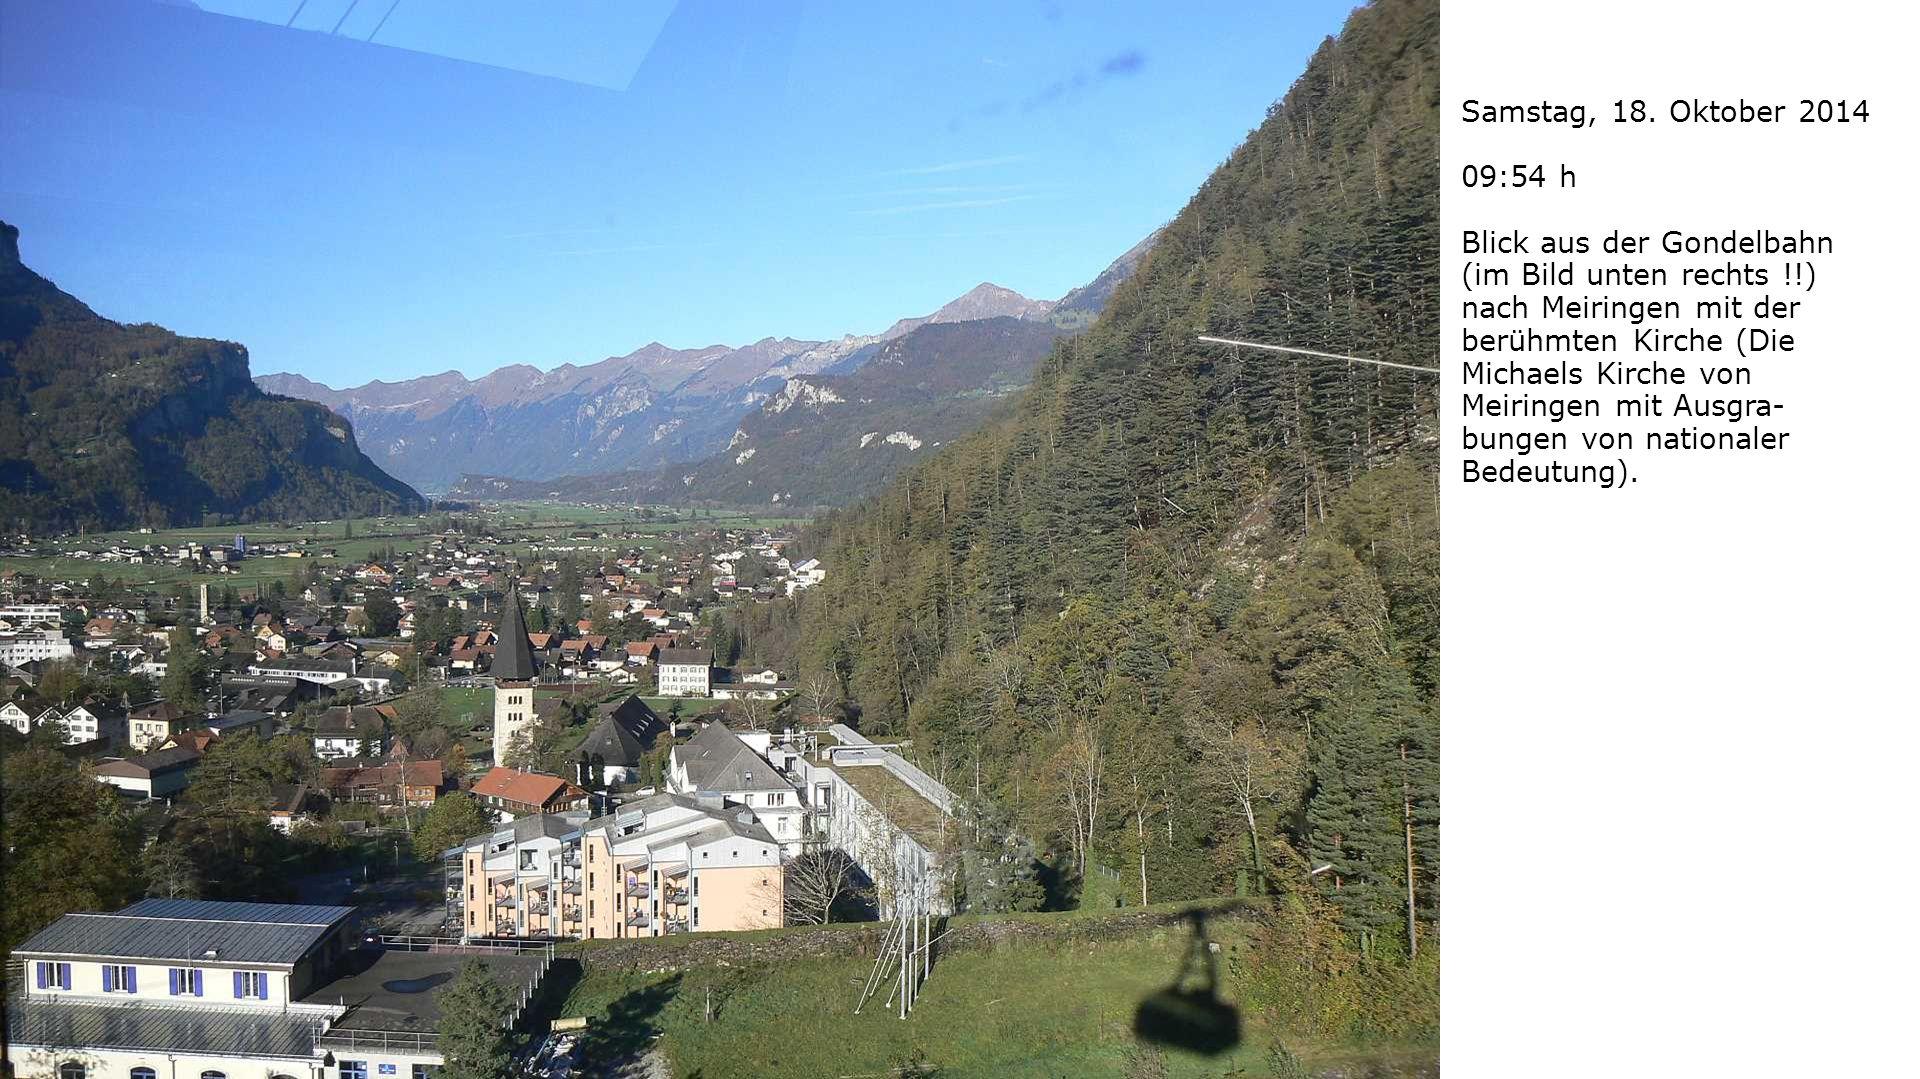 Rosenhorn 3689 m Mittelhorn 3704 m Wetterhorn 3692 m